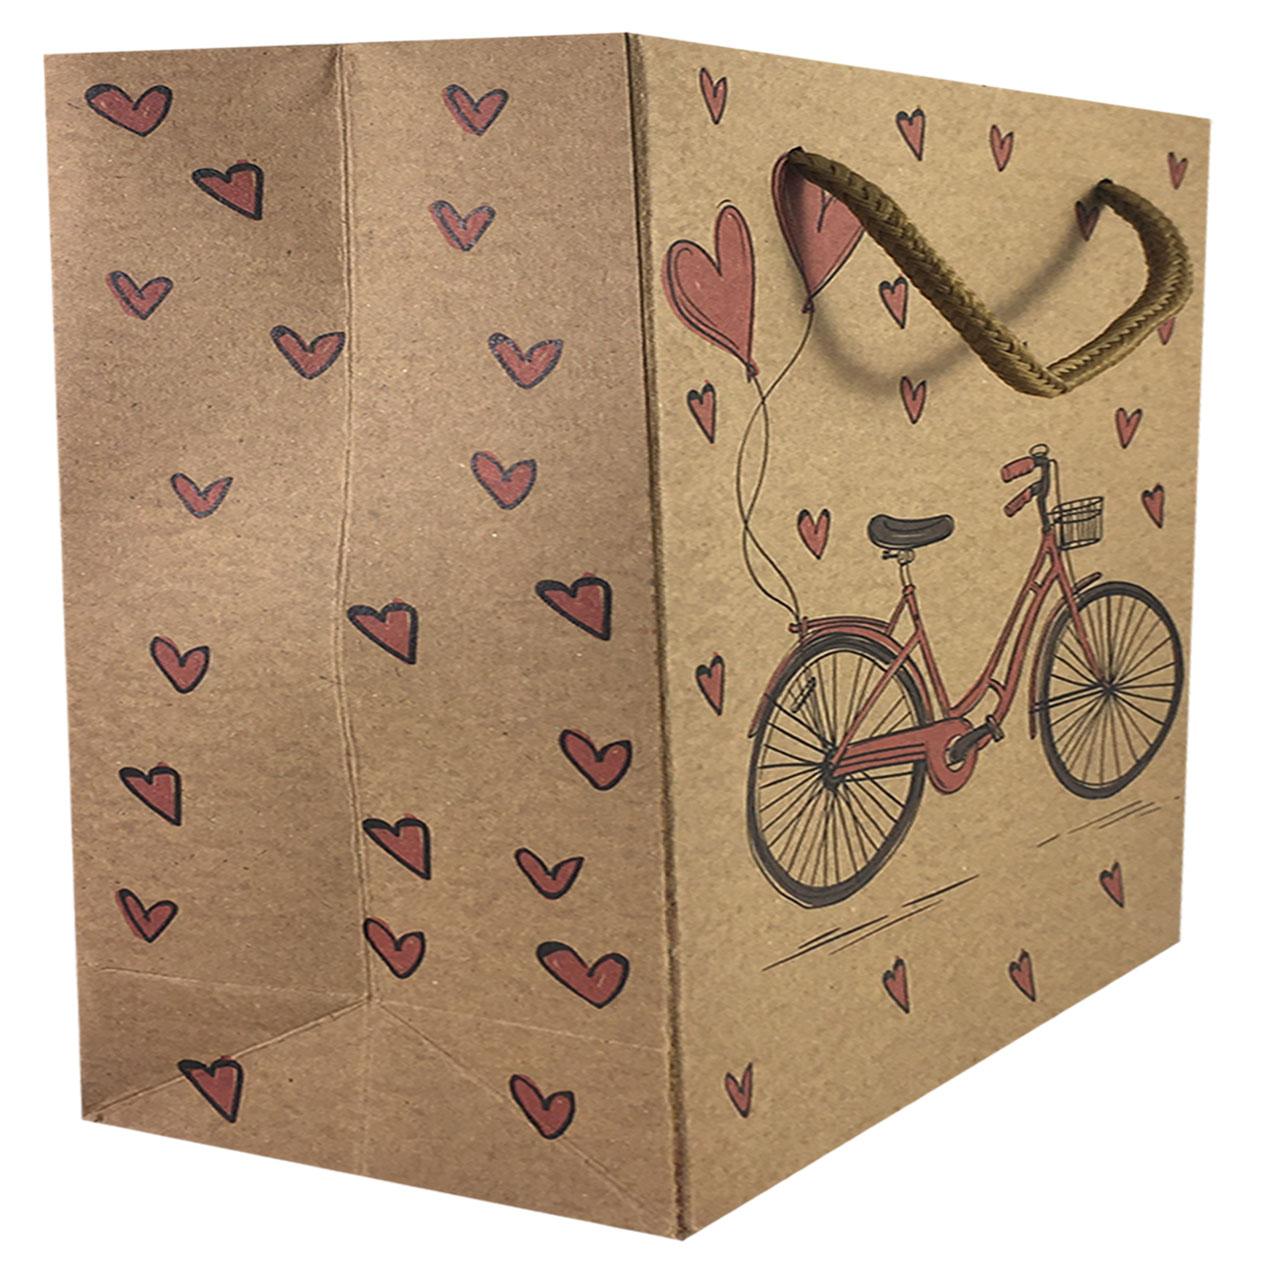 پاکت هدیه طرح دوچرخه کد 2